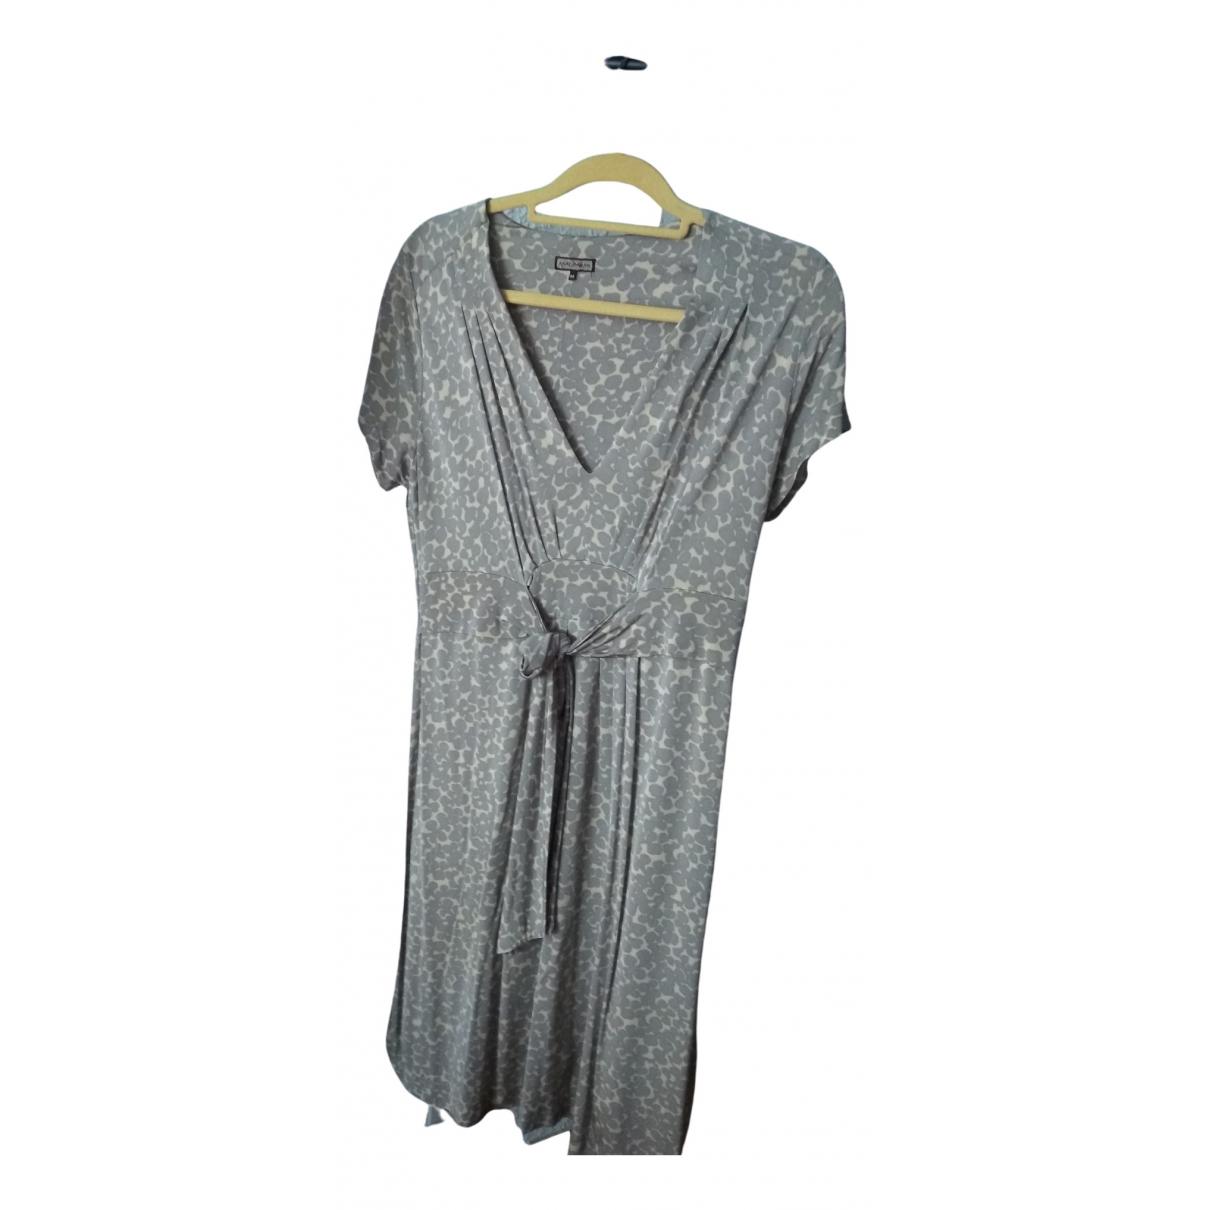 Maliparmi \N Kleid in  Grau Viskose